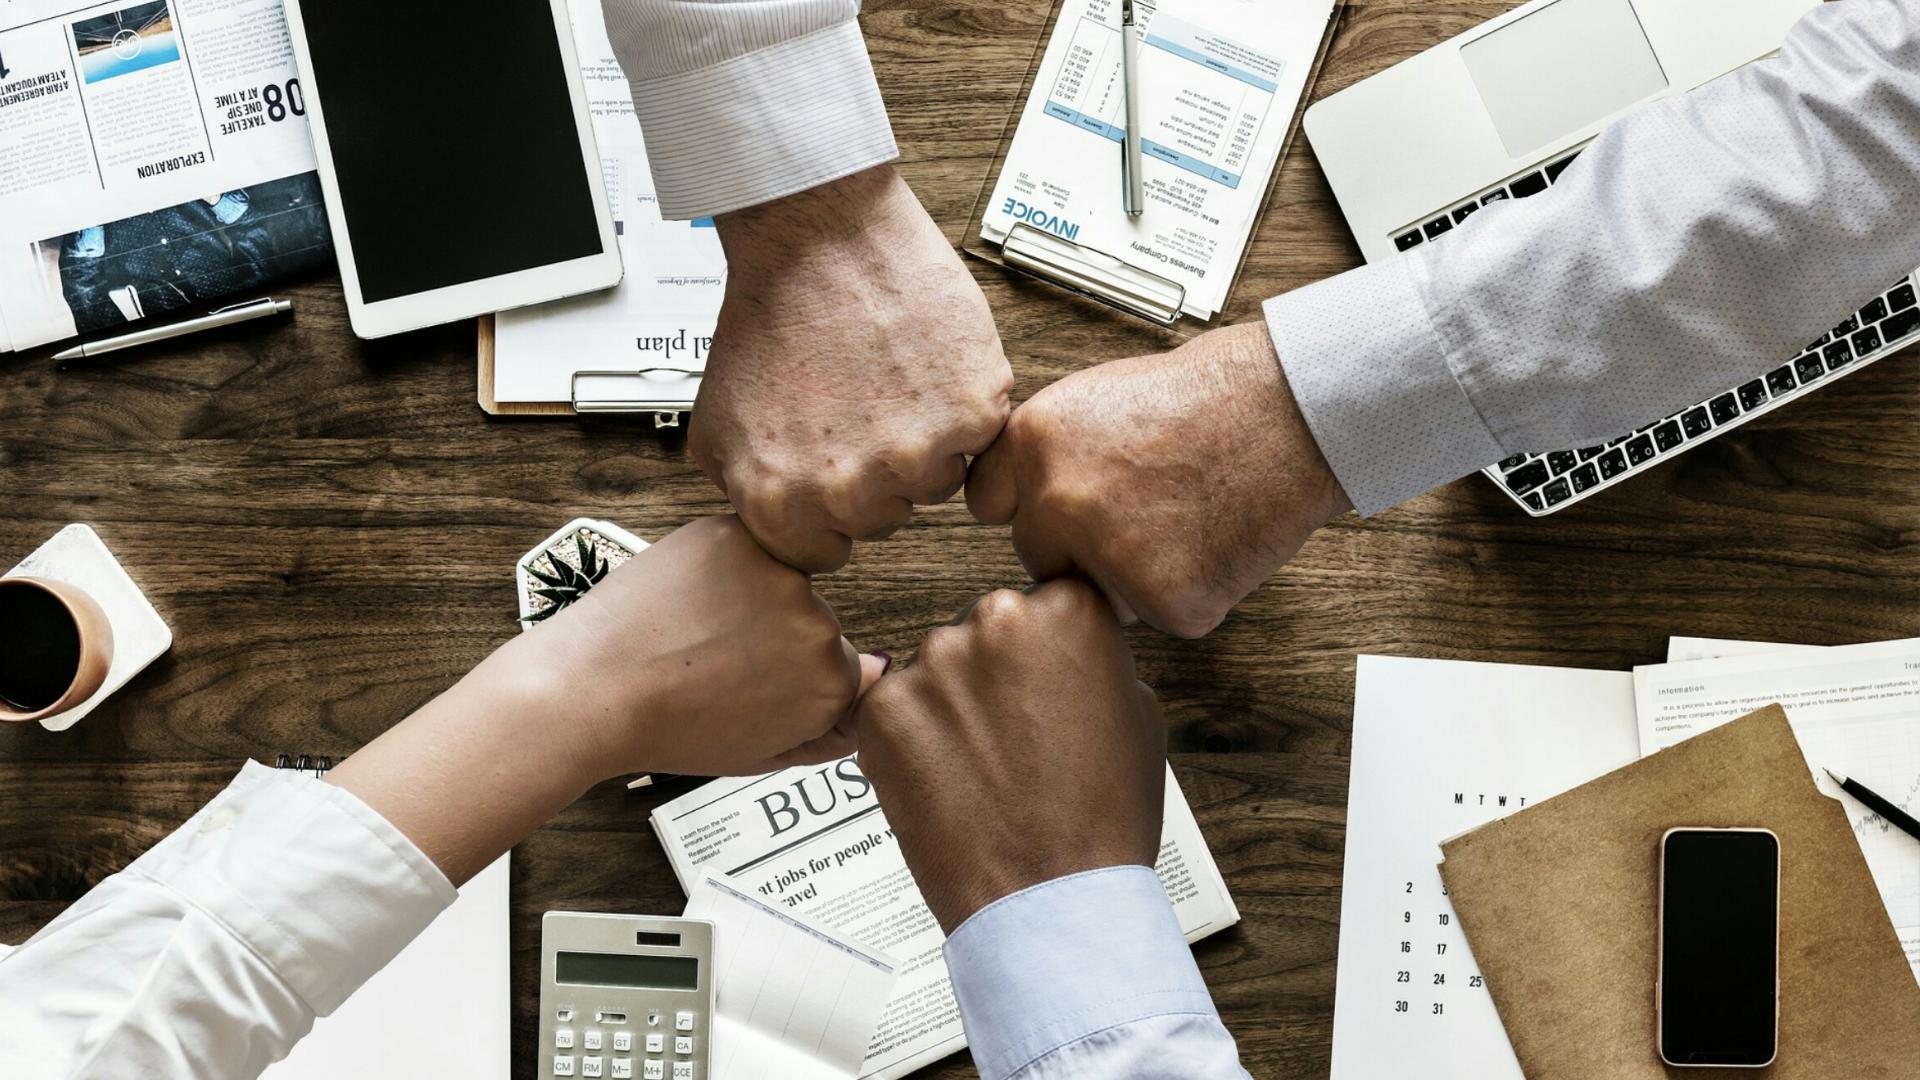 Ética, pertencimento e integração multigeracional são prioridades no mundo do trabalho